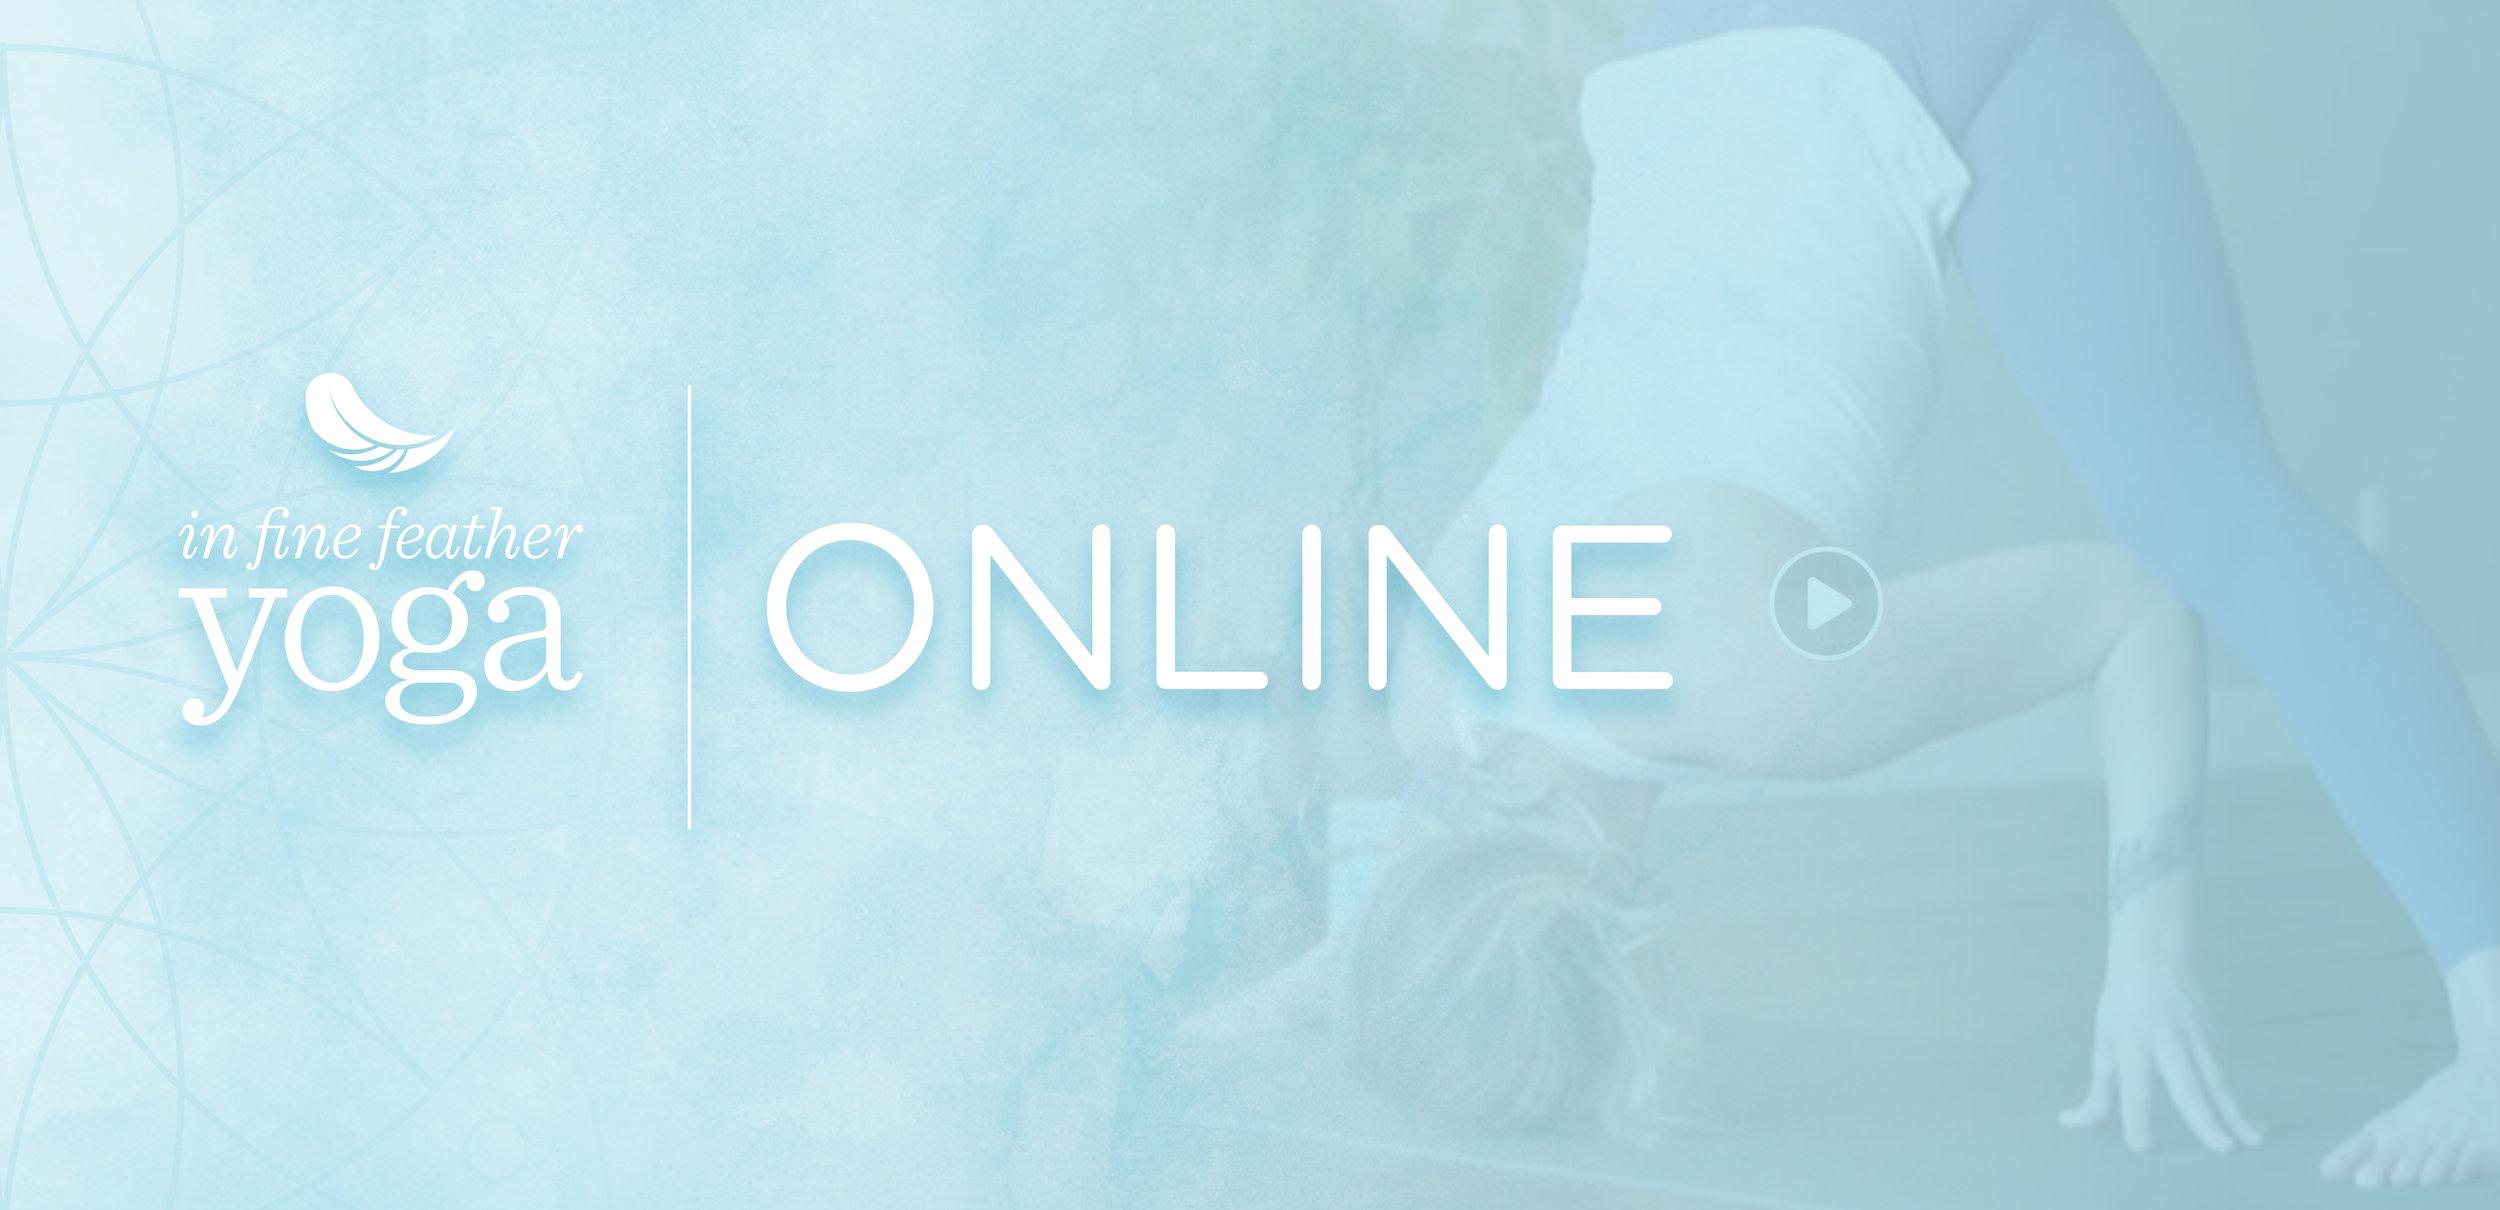 IFF_WebsiteSliders_ONLINE.jpg